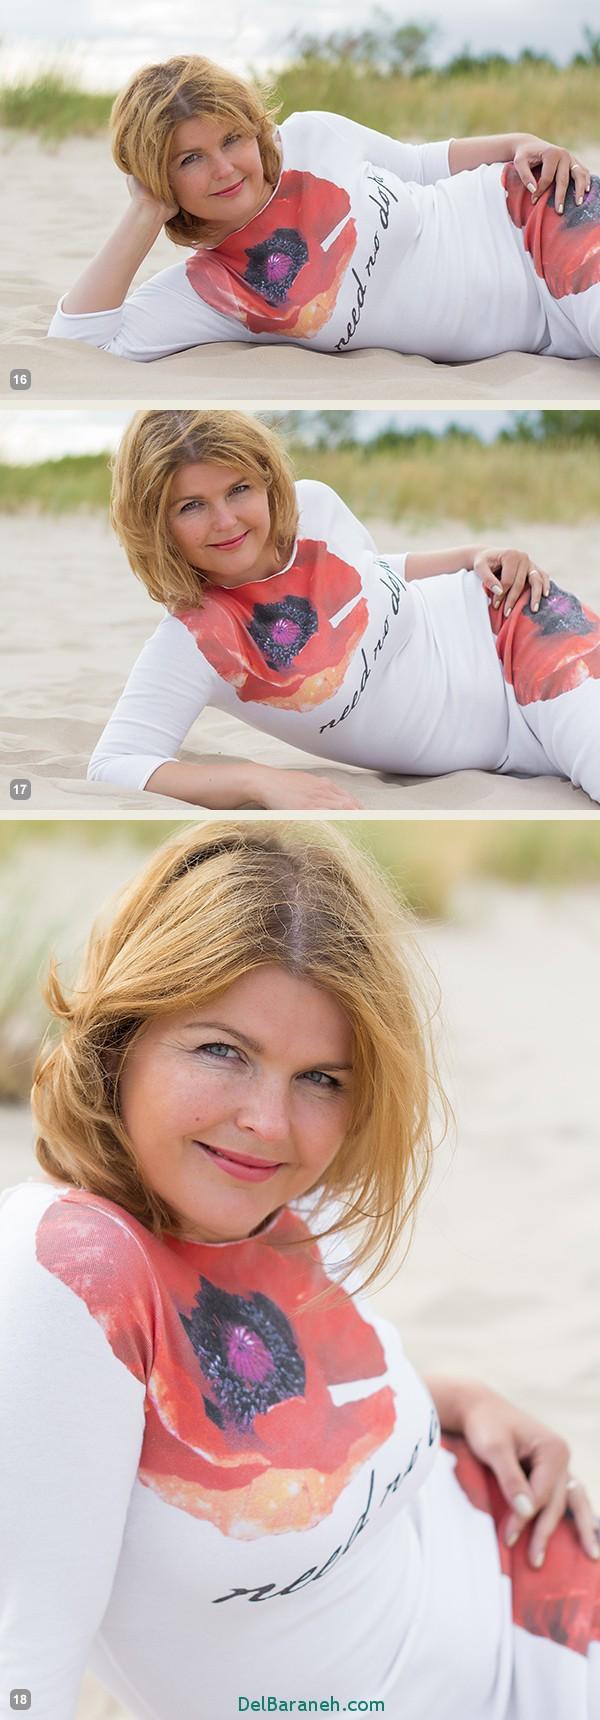 بهترین ژست های عکاسی برای خانم ها